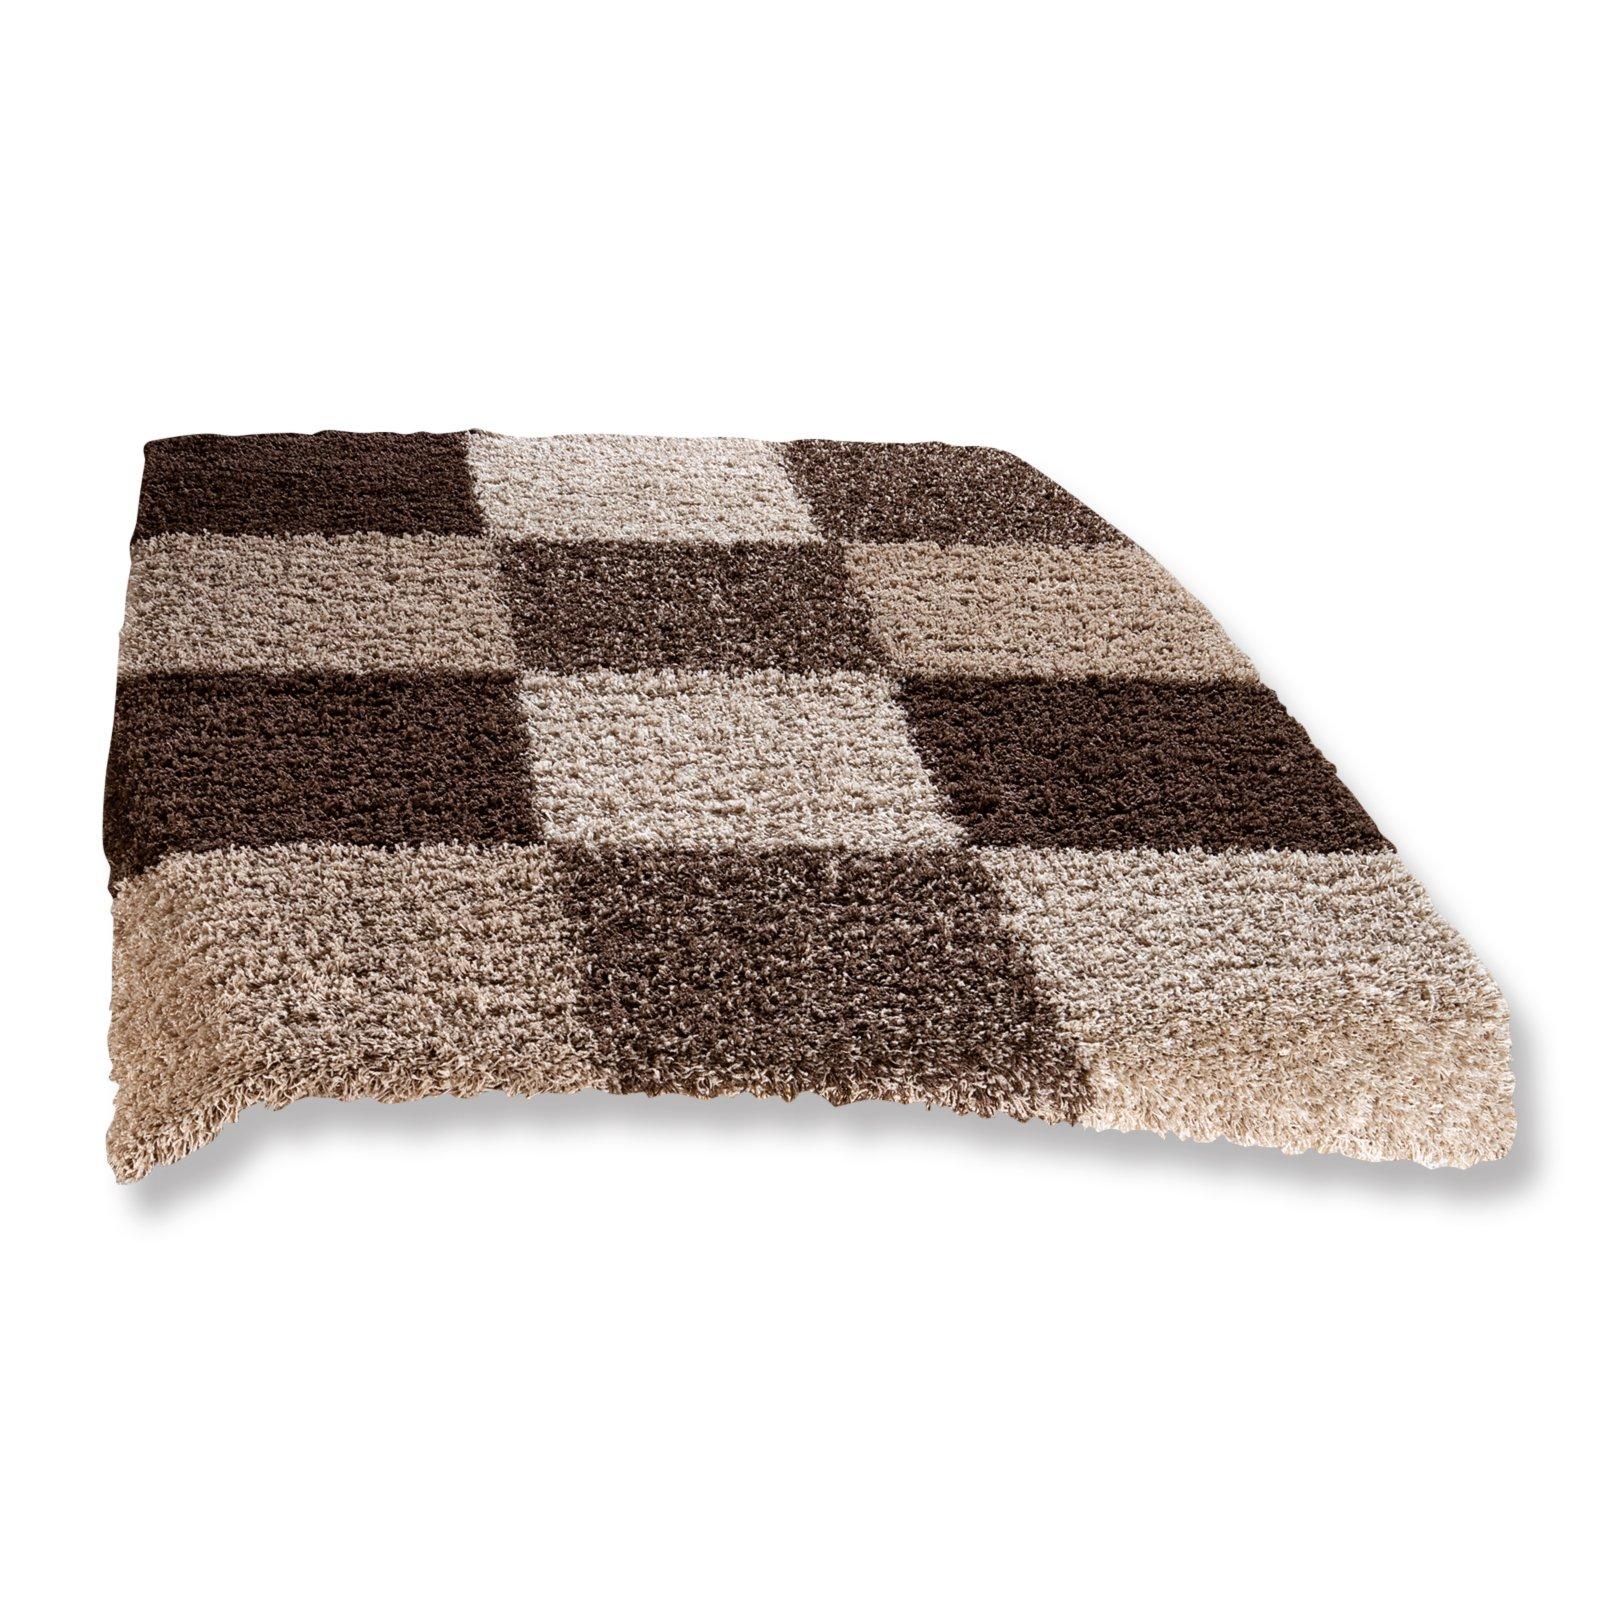 teppich shaggy braun beige 80x130 cm hochflor shaggyteppiche teppiche l ufer deko. Black Bedroom Furniture Sets. Home Design Ideas